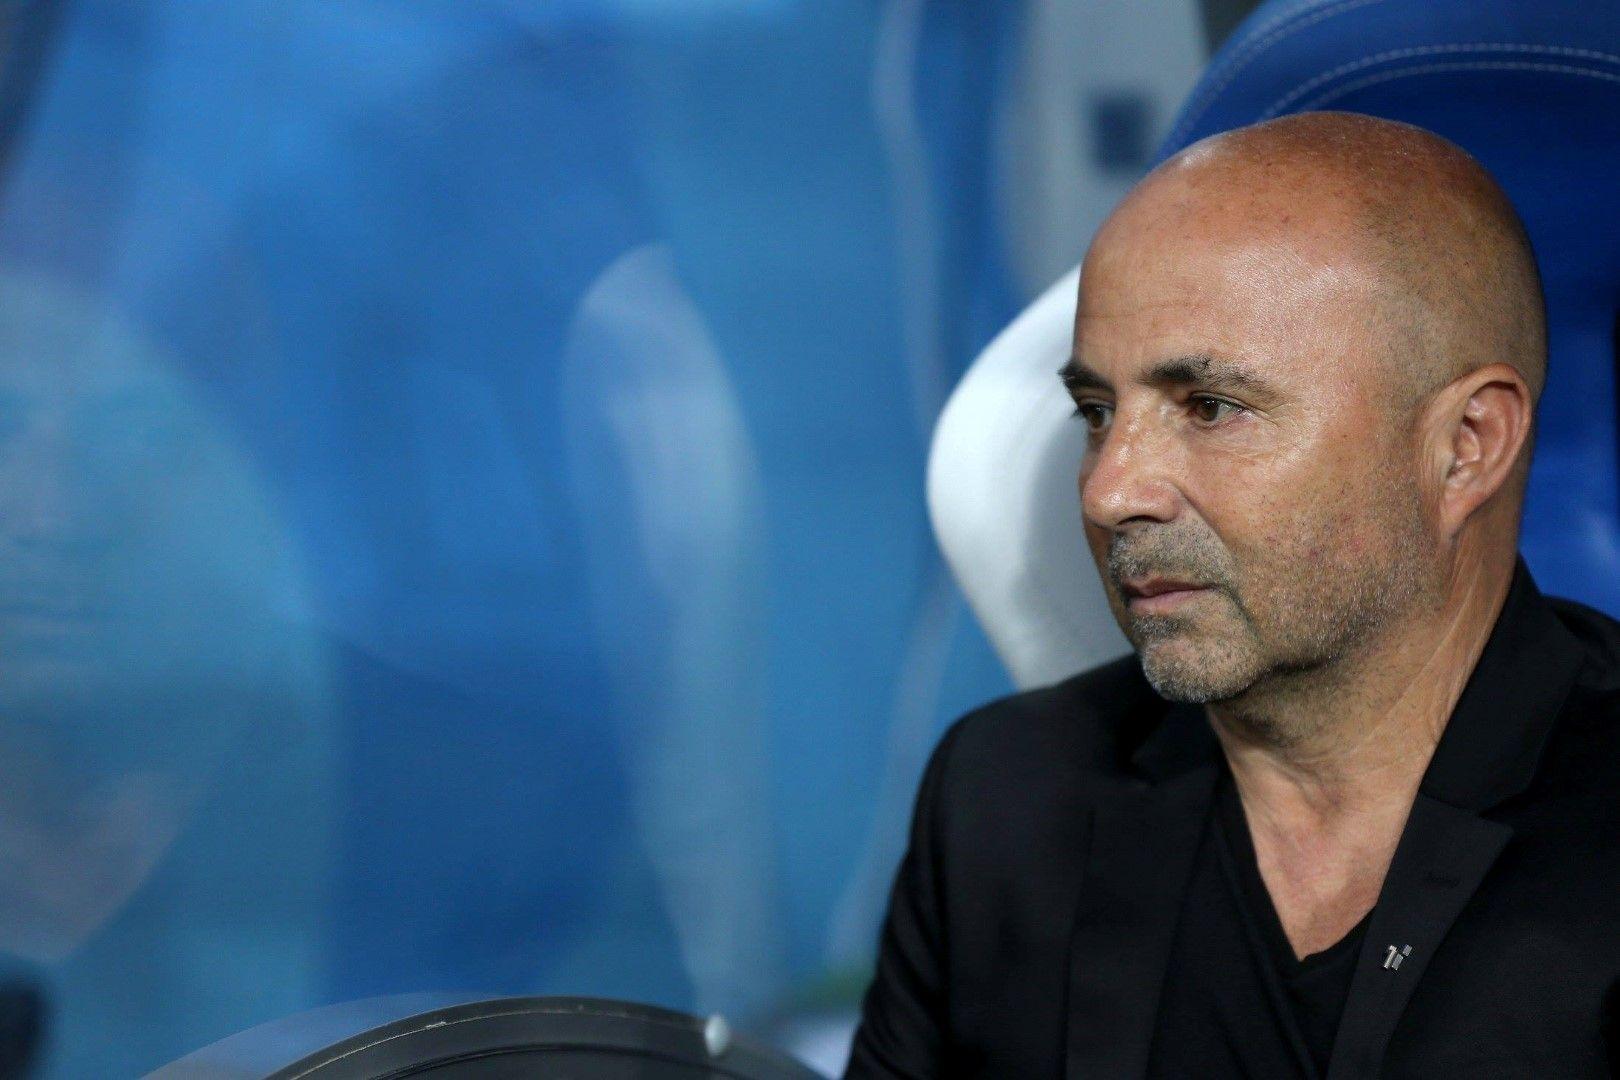 Треньорът Сампаоли също разочарова и не е ясно каква изобщо е ролята му.